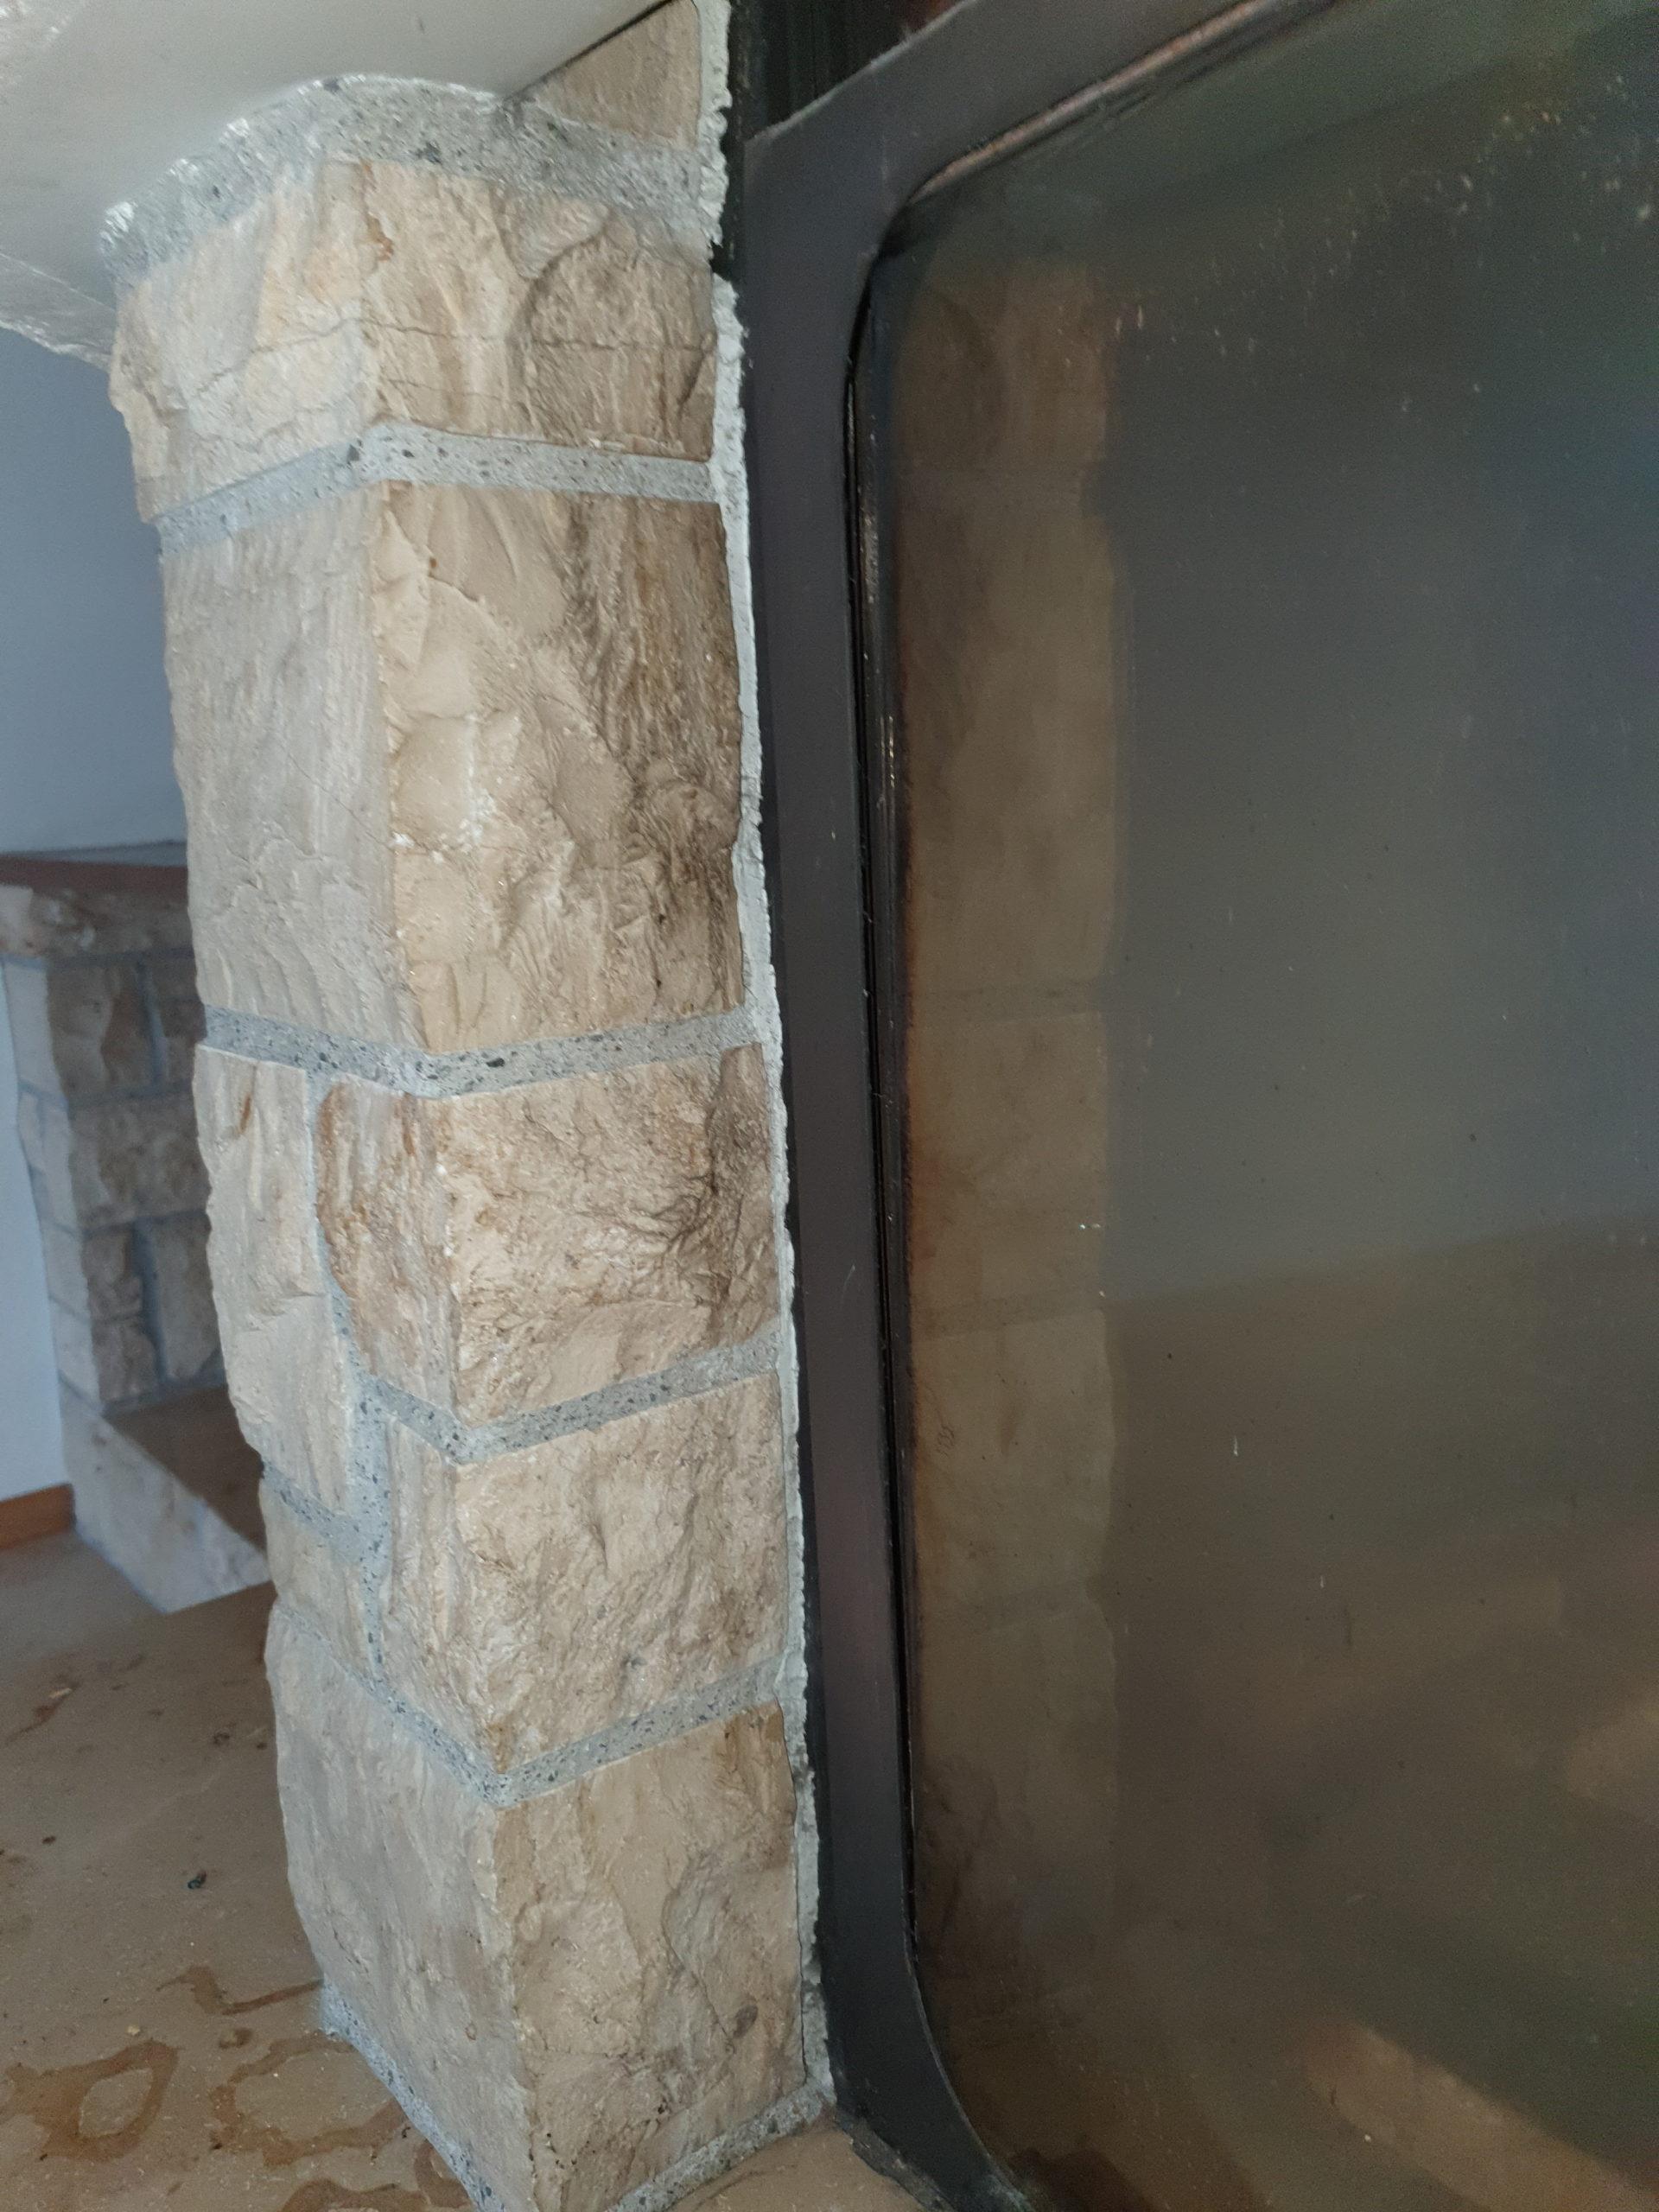 Asbest beim renovieren entdeckt – was nun?